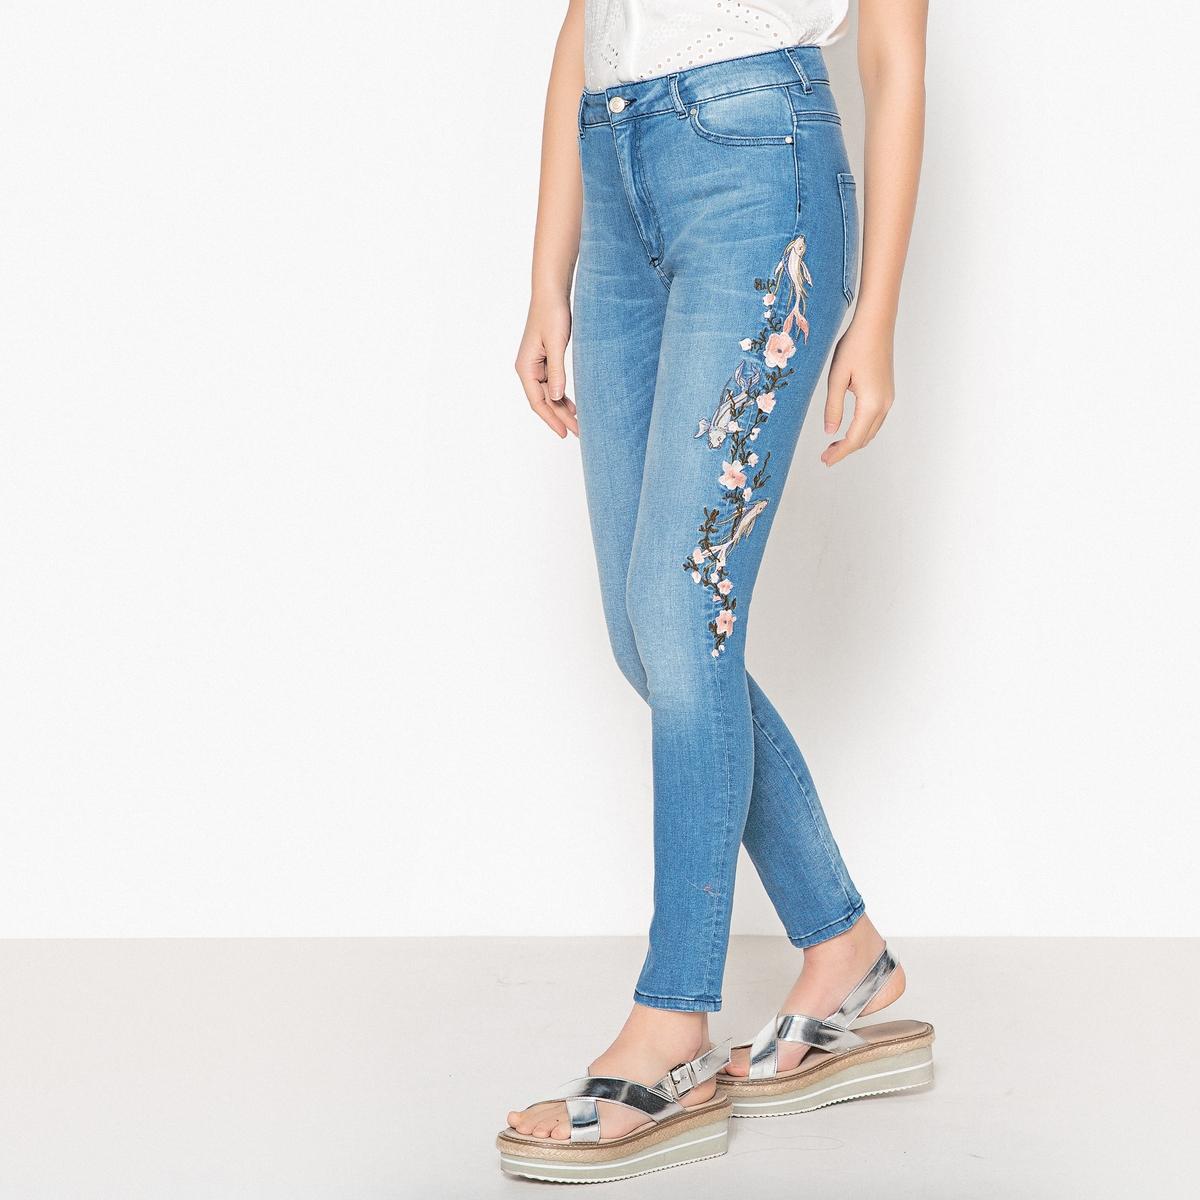 Джинсы слим с высоким поясом из денима стретч джинсы расклешенного покроя из денима стретч